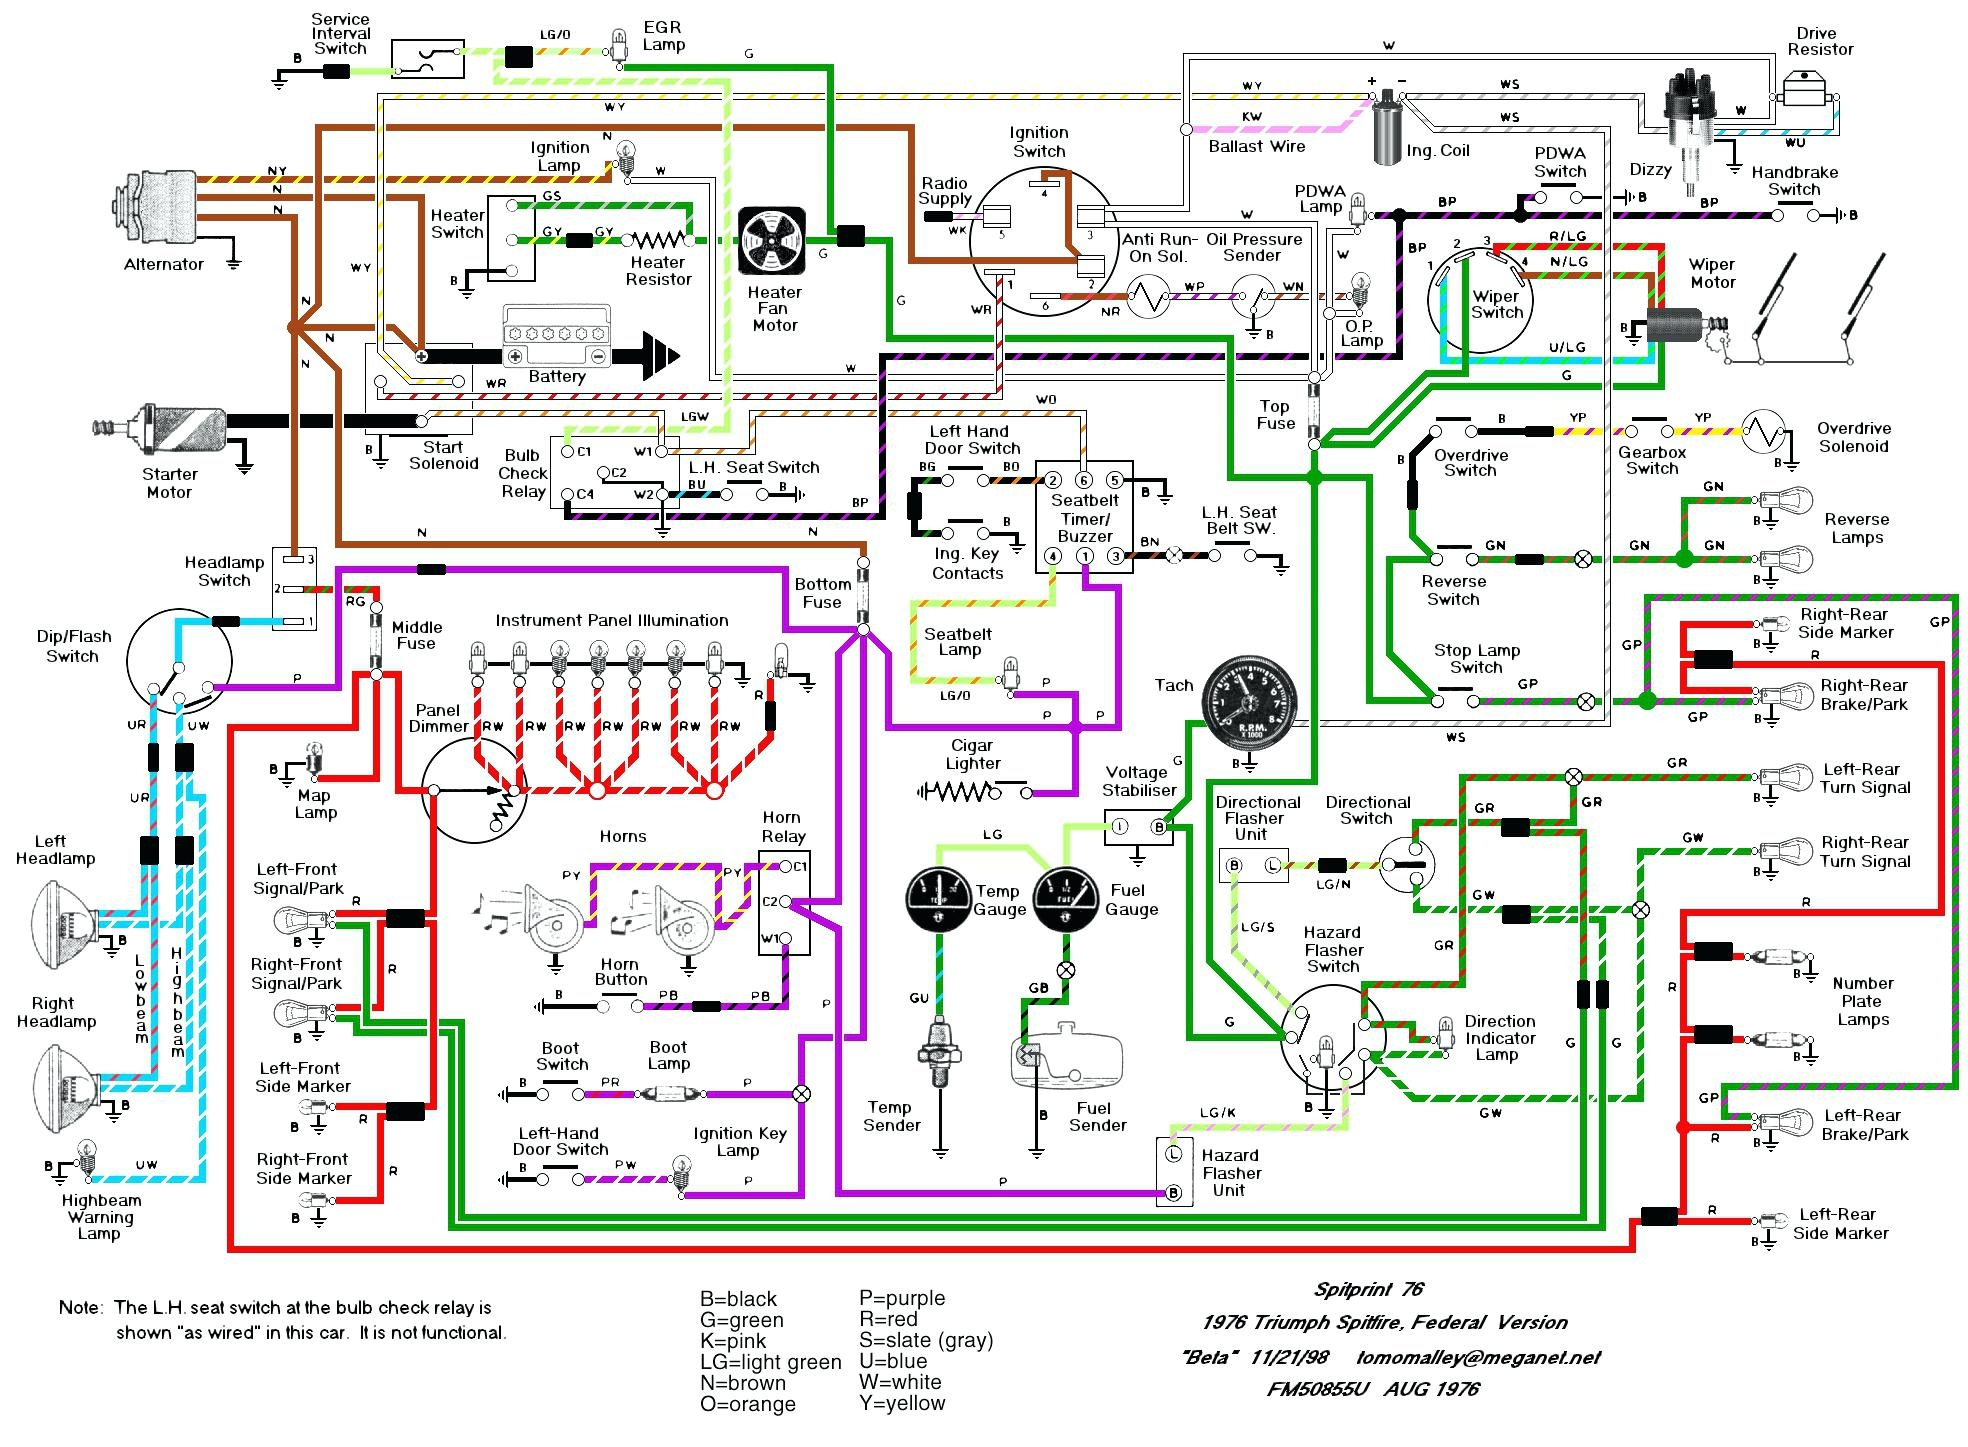 bose acoustimass 10 wiring diagram - bose acoustimass 10 wiring diagram 13d